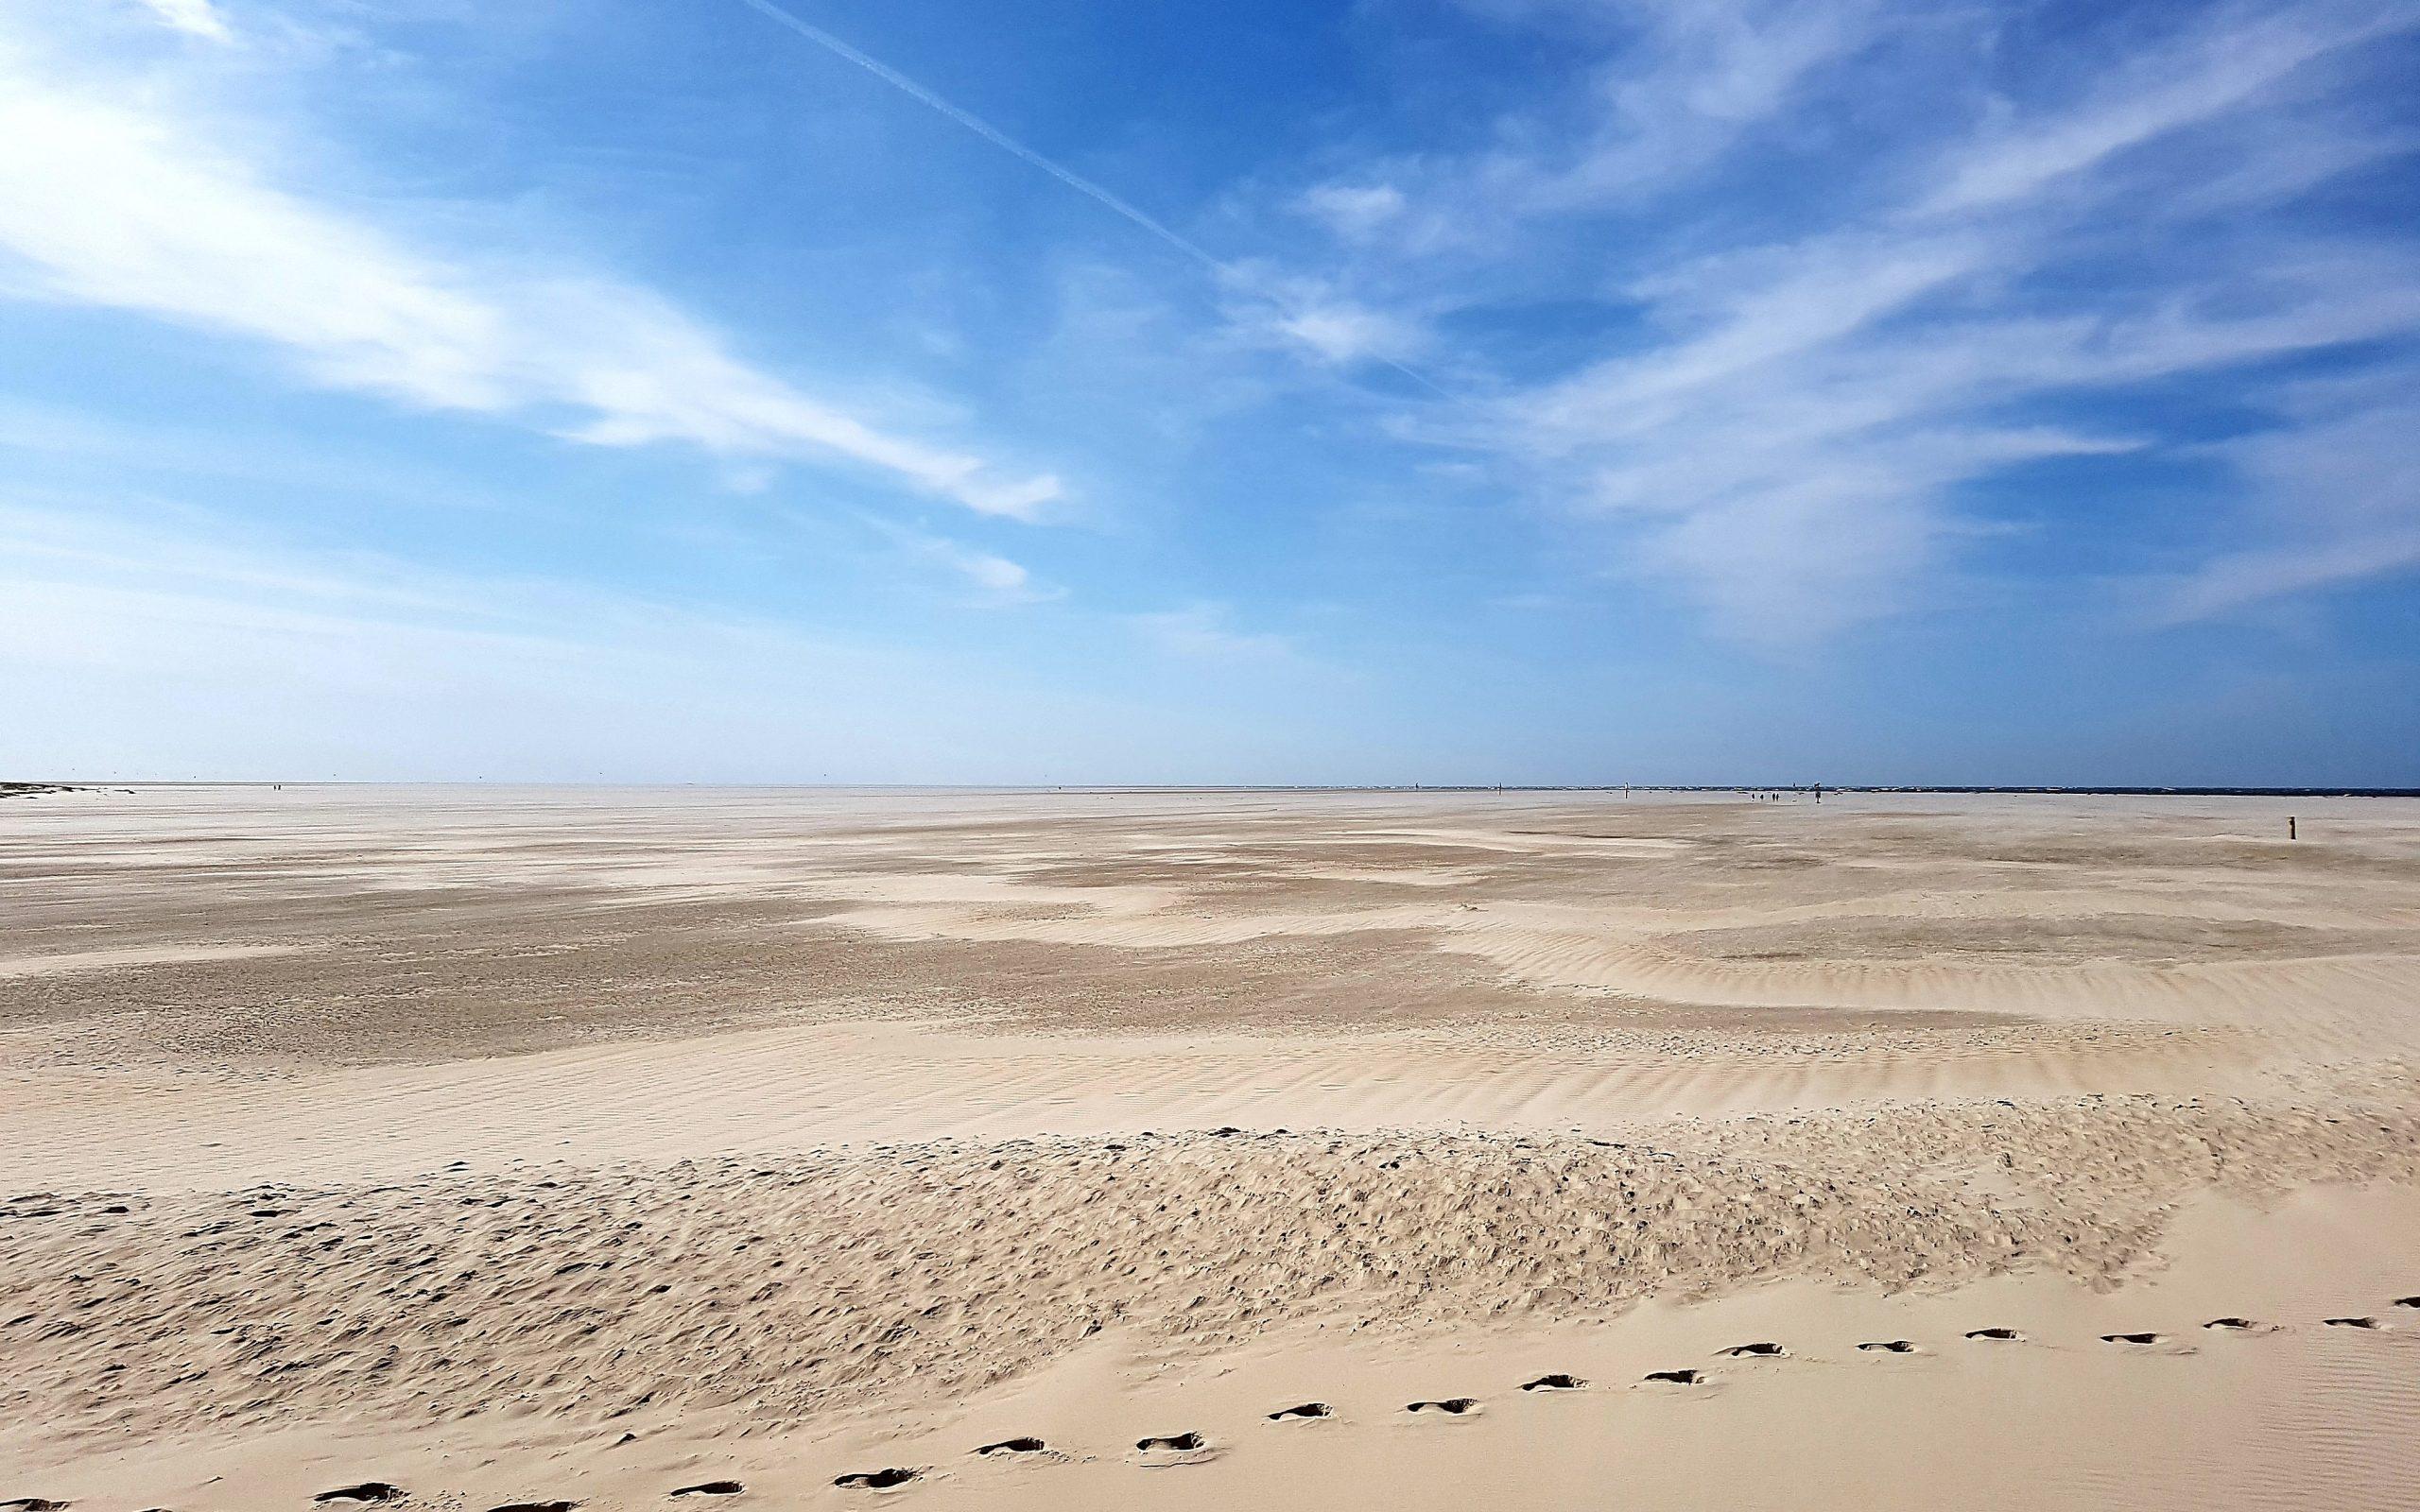 Schleswig-Holstein Wadden Sea National Park